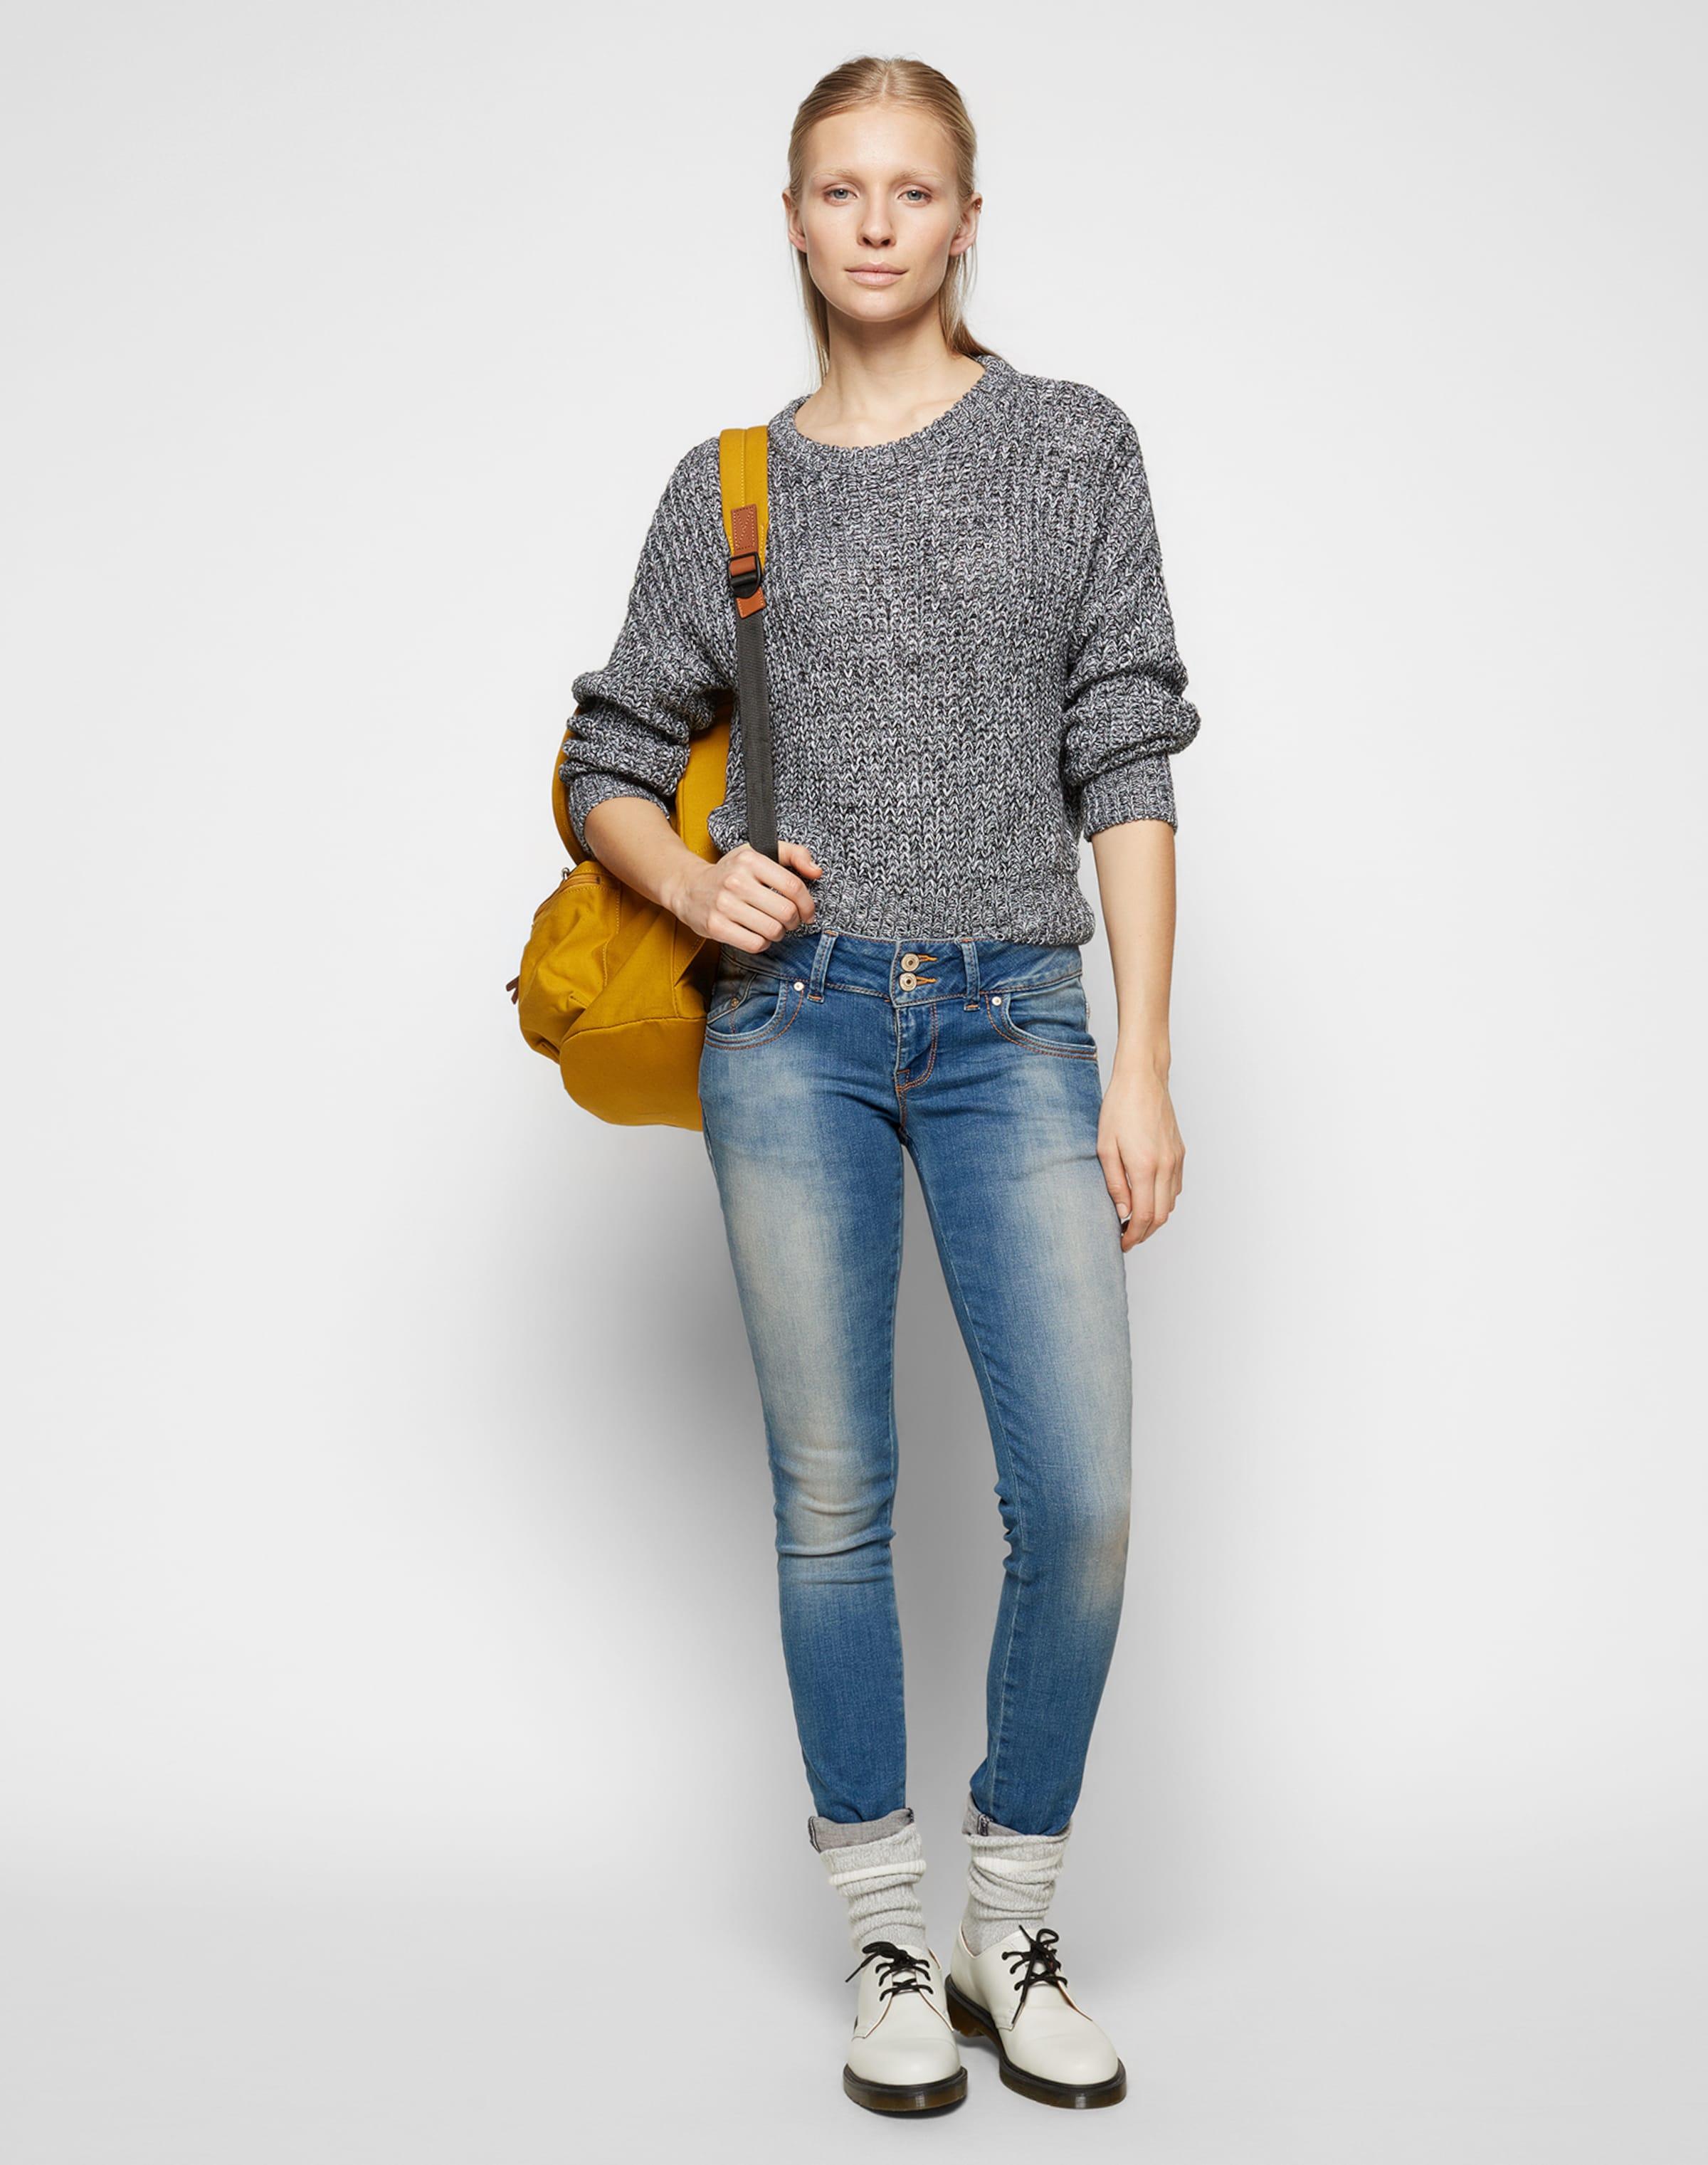 LTB Stretchige Skinny Jeans 'Molly' Geniue Händler Günstig Kaufen Best Pick Billig Kaufen 22PrdJj